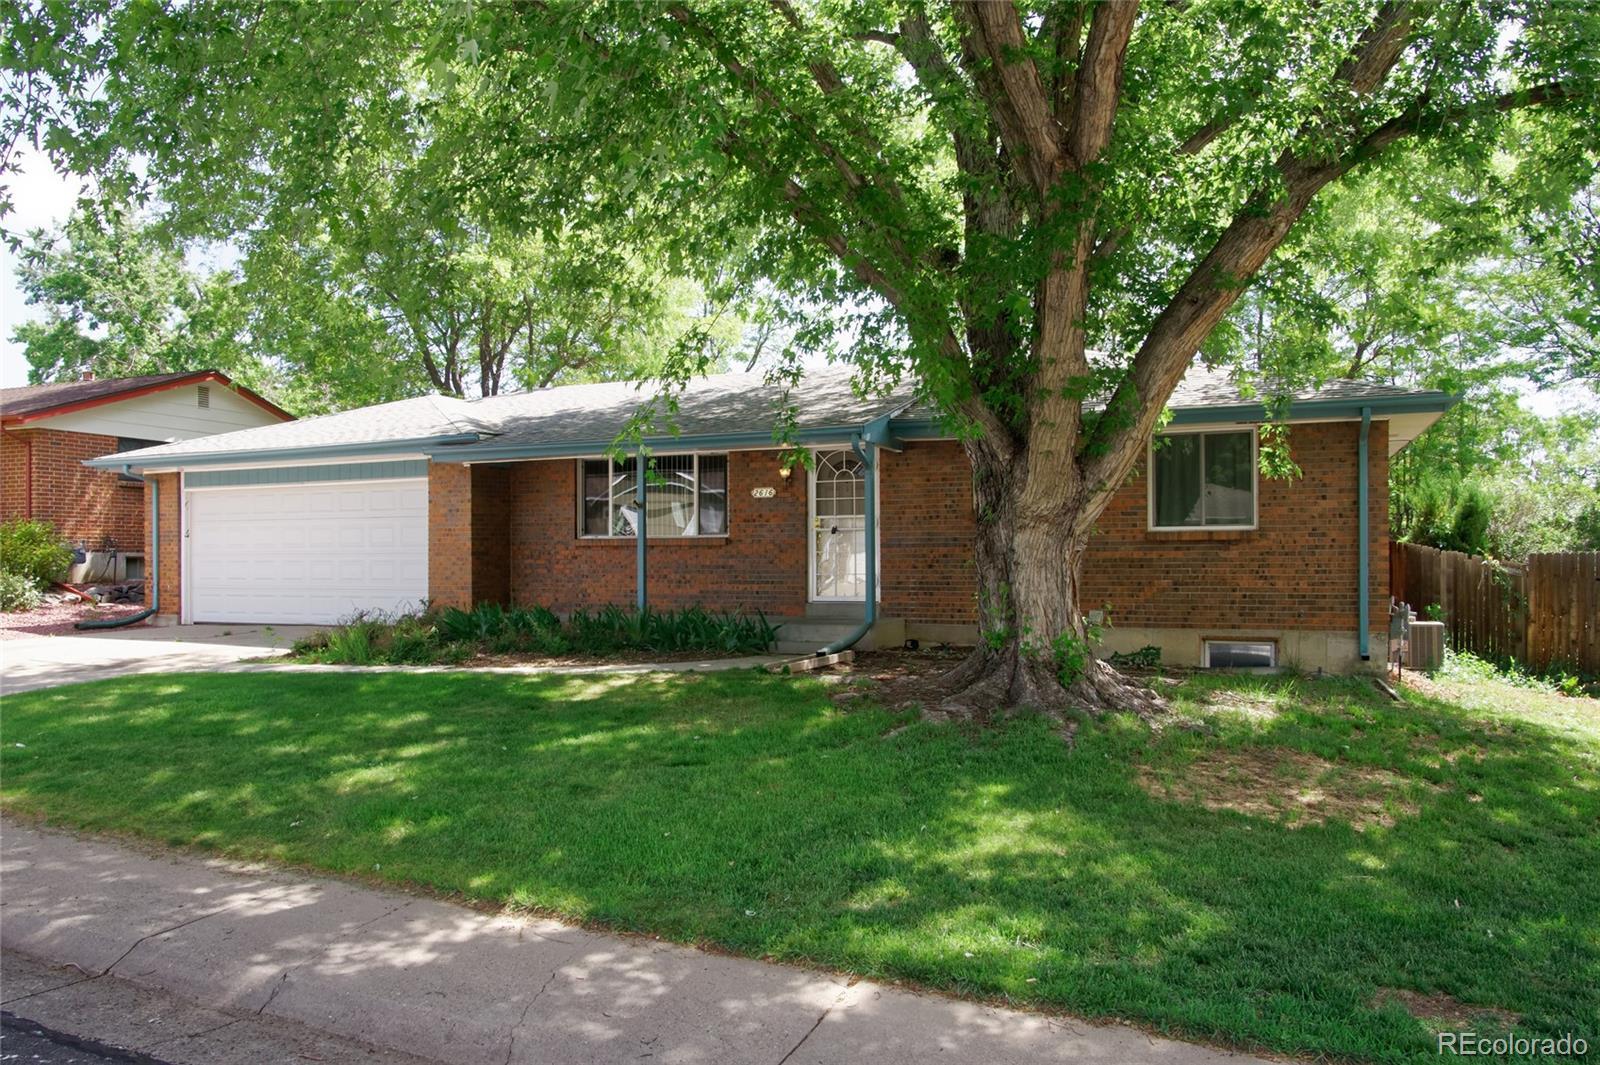 MLS# 5595766 - 1 - 2616 S Flower Street, Lakewood, CO 80227